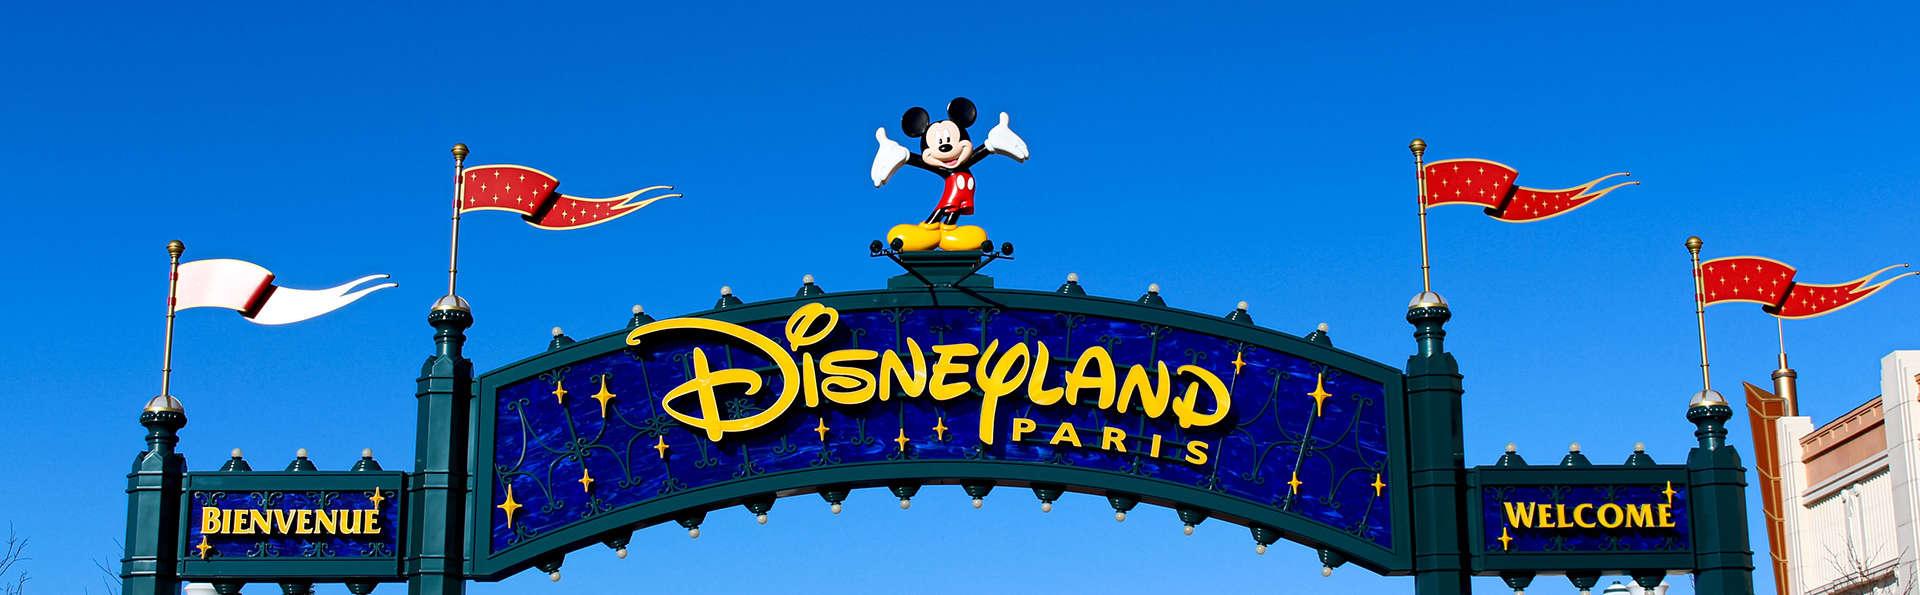 Week-end détente en famille avec entrée aux 2 Parcs Disneyland® Paris (1 Jour / 2 Parcs)